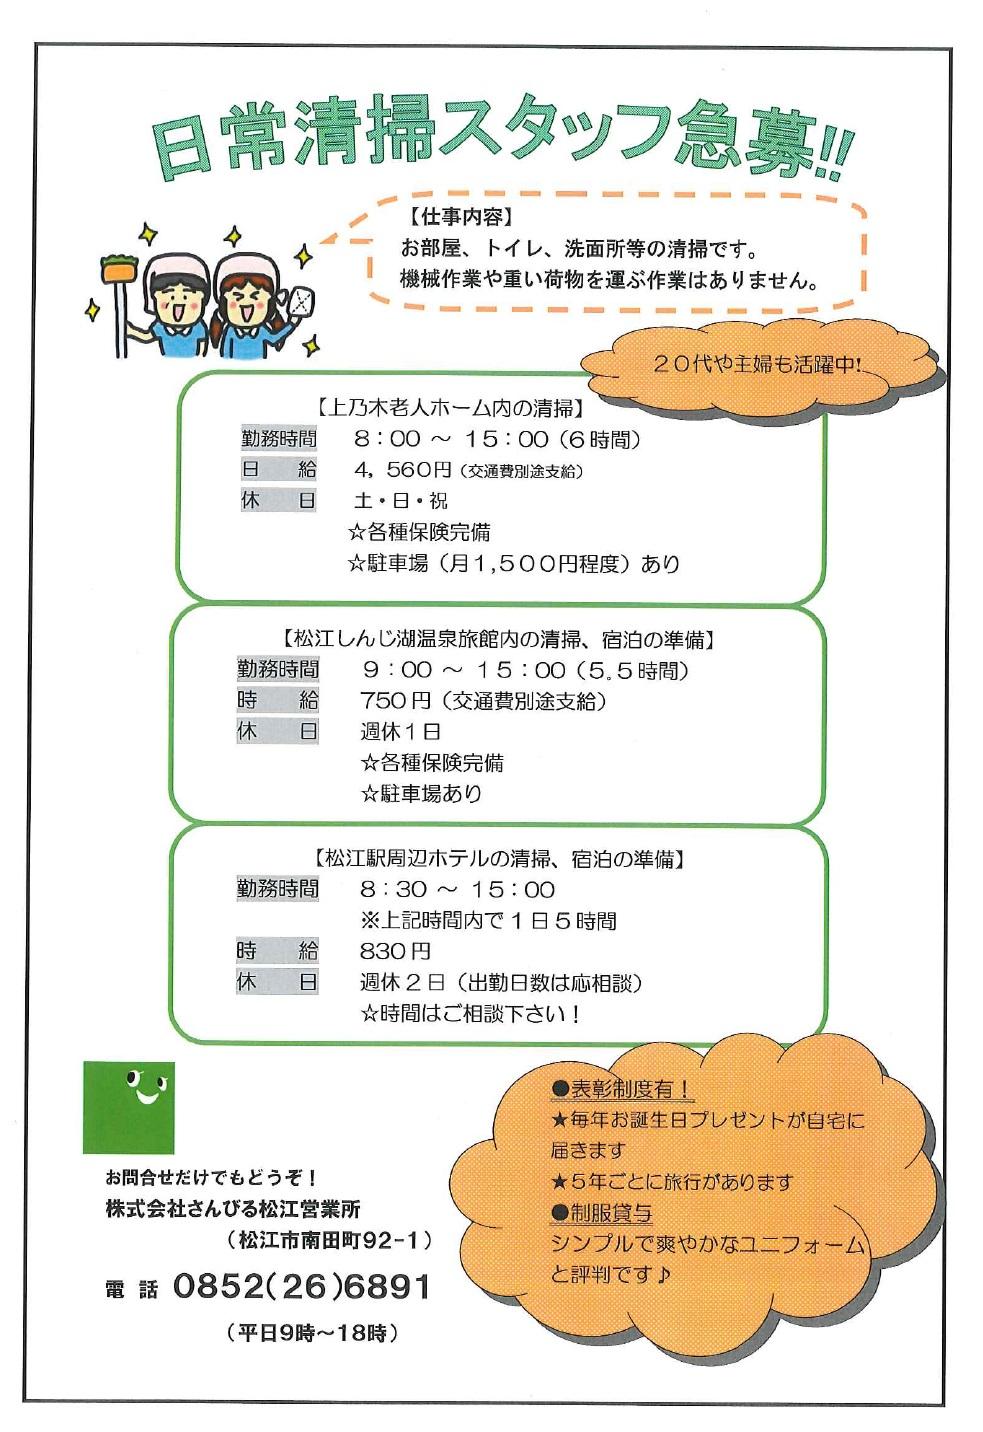 さんびる松江営業所 求人募集中!